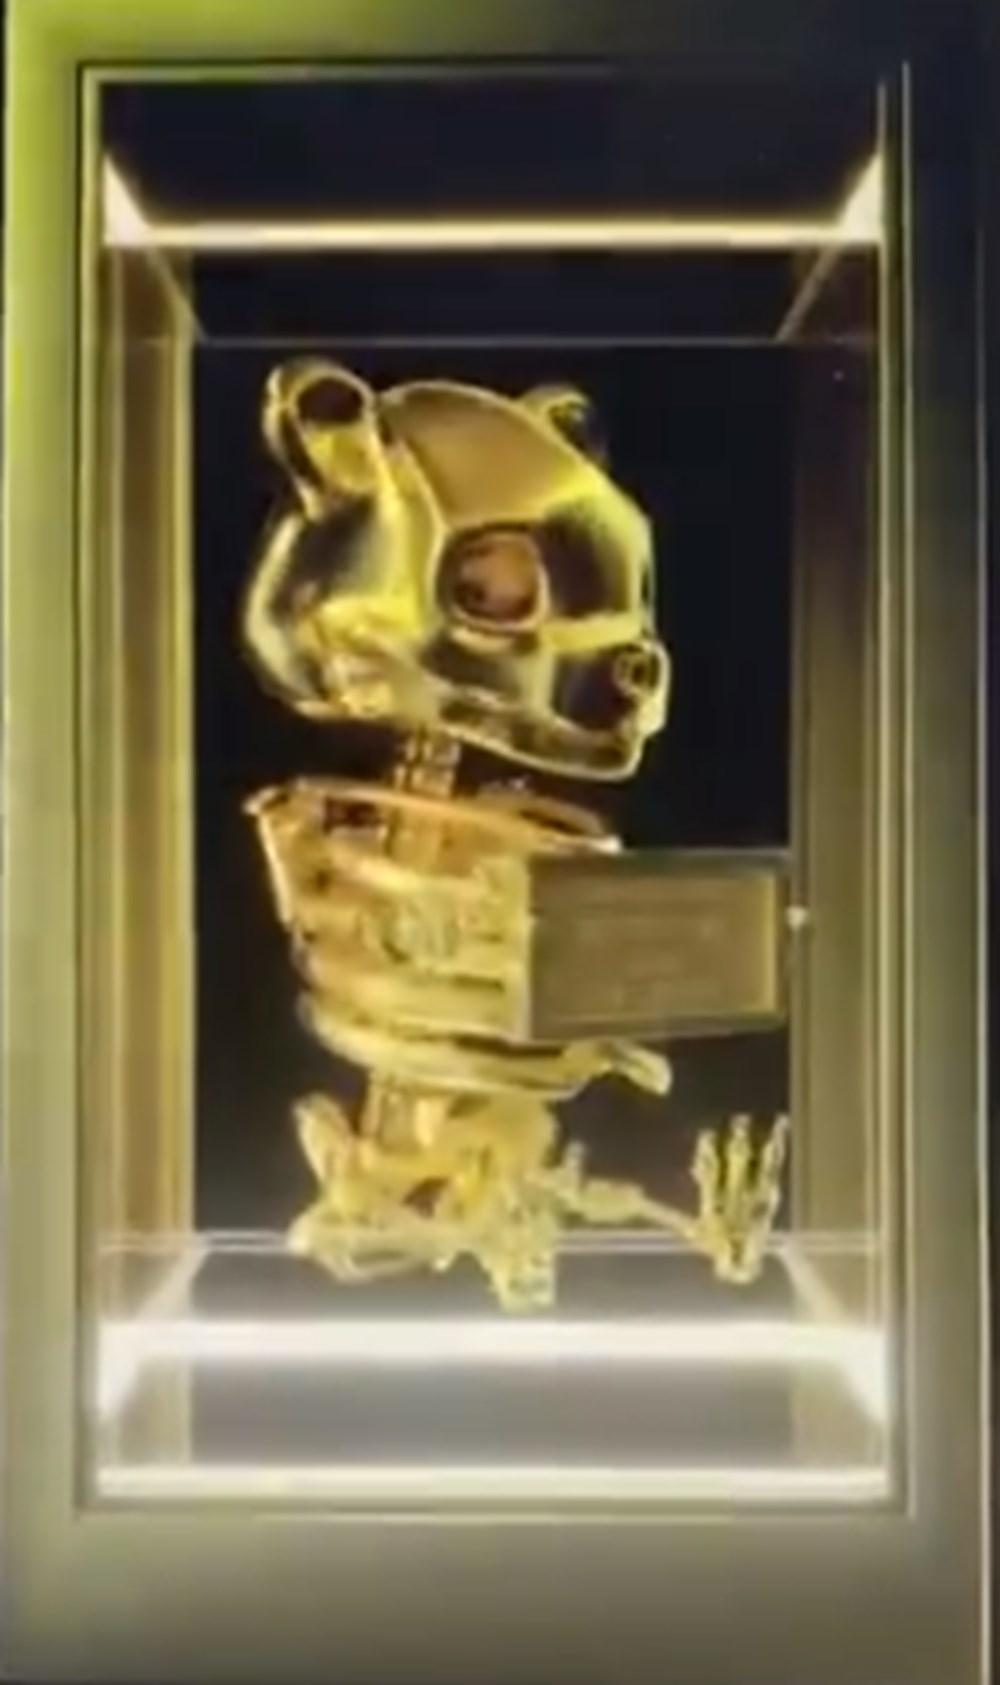 NFT çılgınlığı büyüyor: Milyonlarca dolara satılan dünyanın en pahalı kripto sanat eserleri - 5